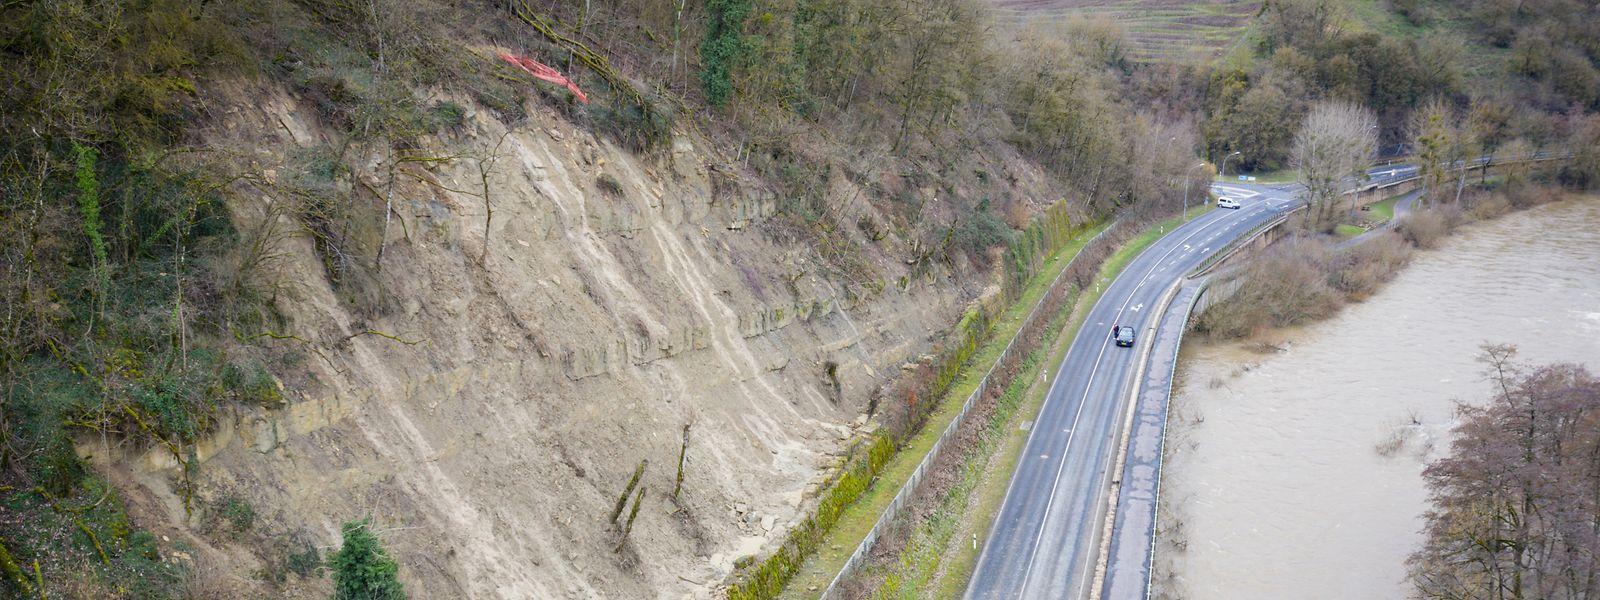 Da sich von dem Hang links im Bild weitere Steine lösen könnten, ist die N10 aus Sicherheitsgründen gesperrt.